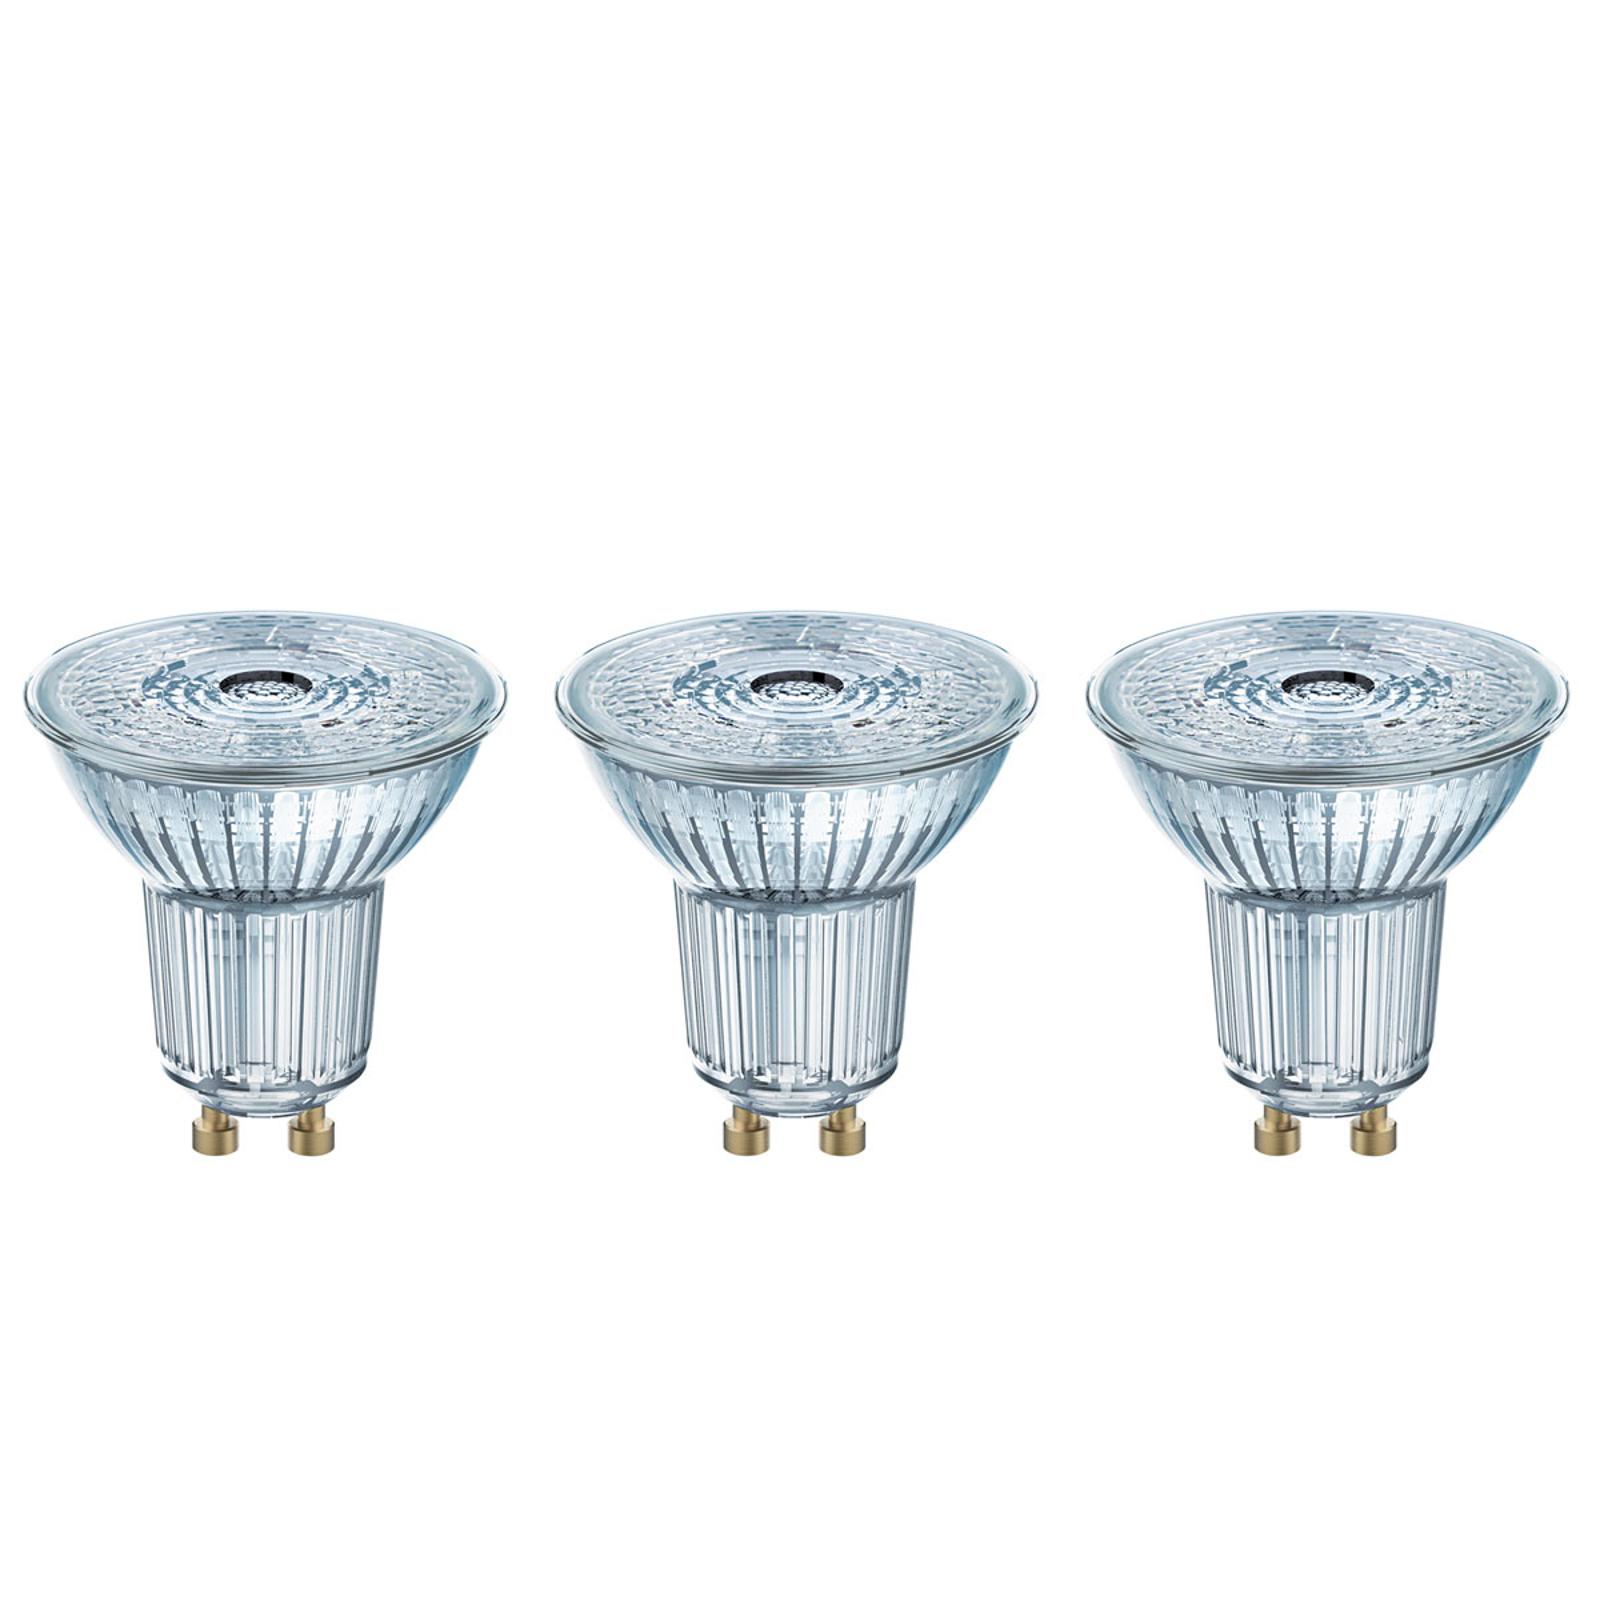 LED-Reflektor GU10 4,3W, universalweiß, 3er-Set